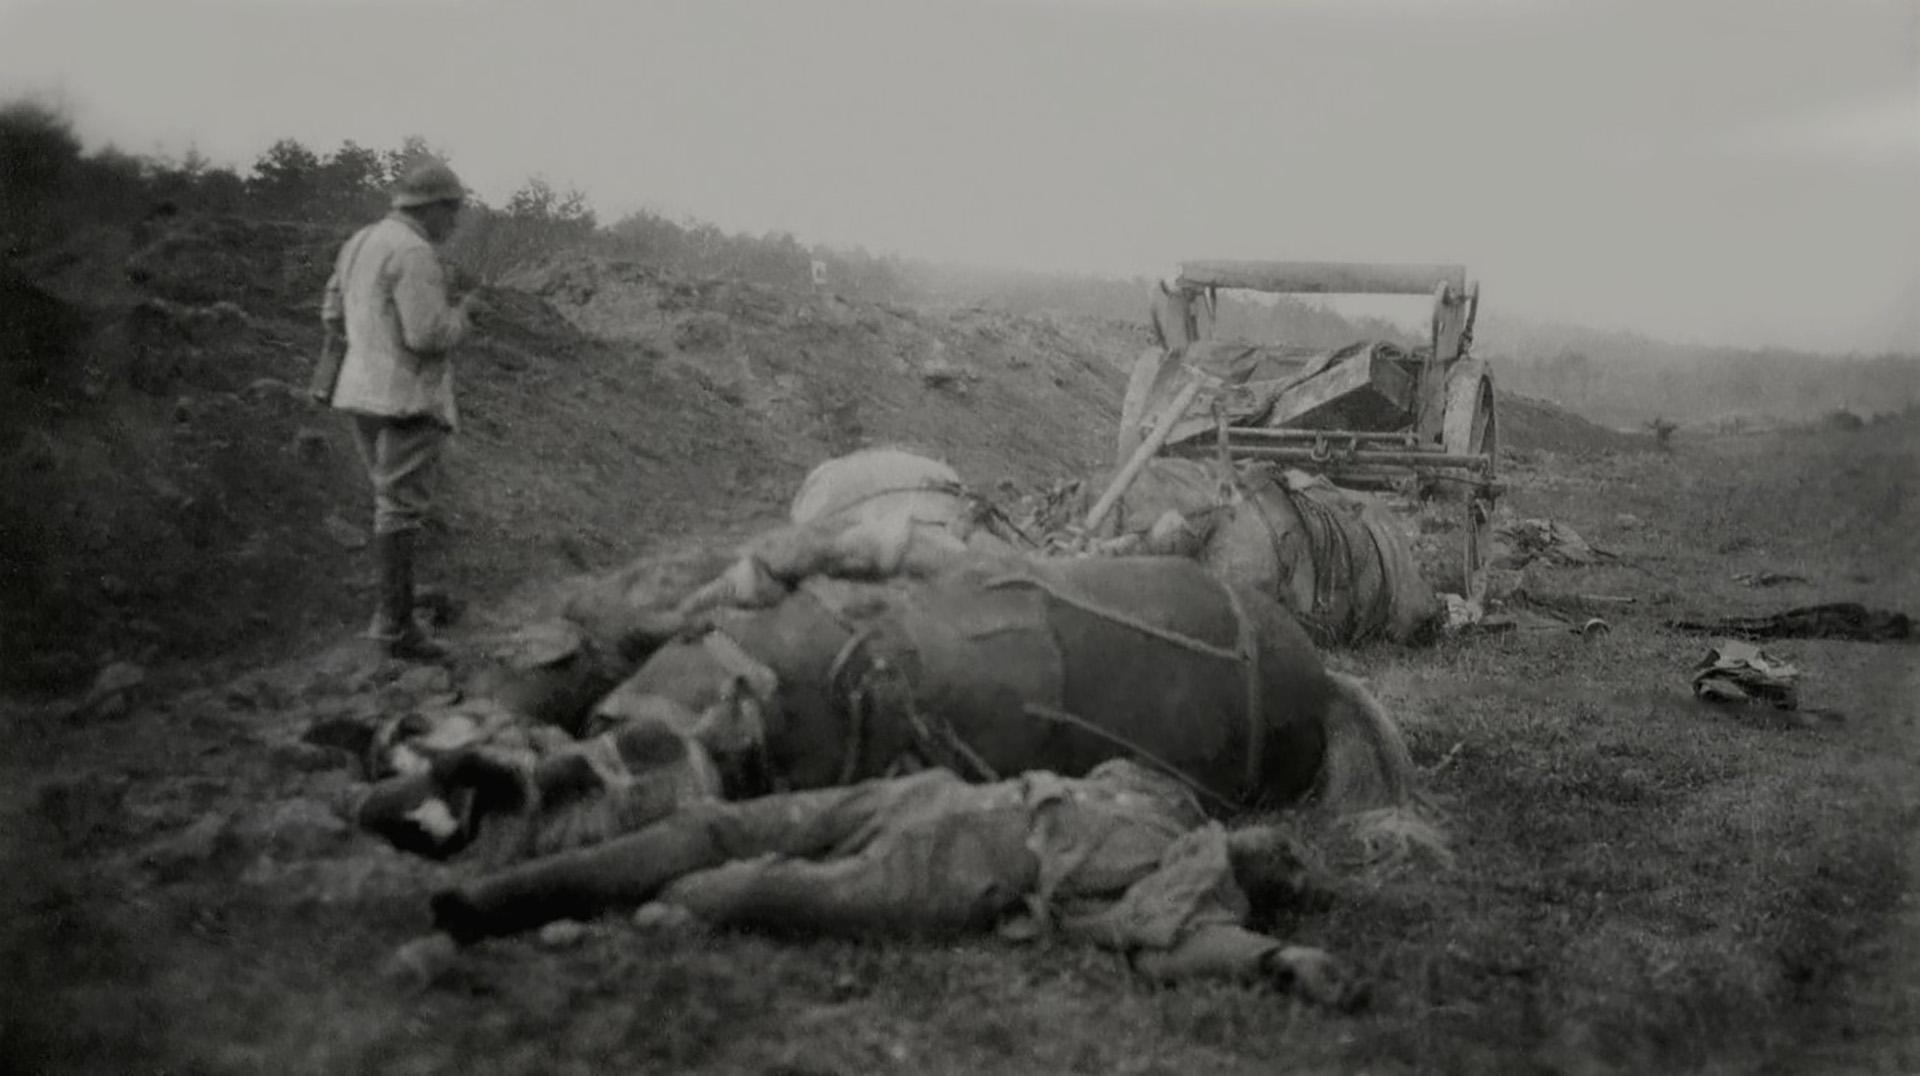 Caballos y hombres muertos en el campo de batalla